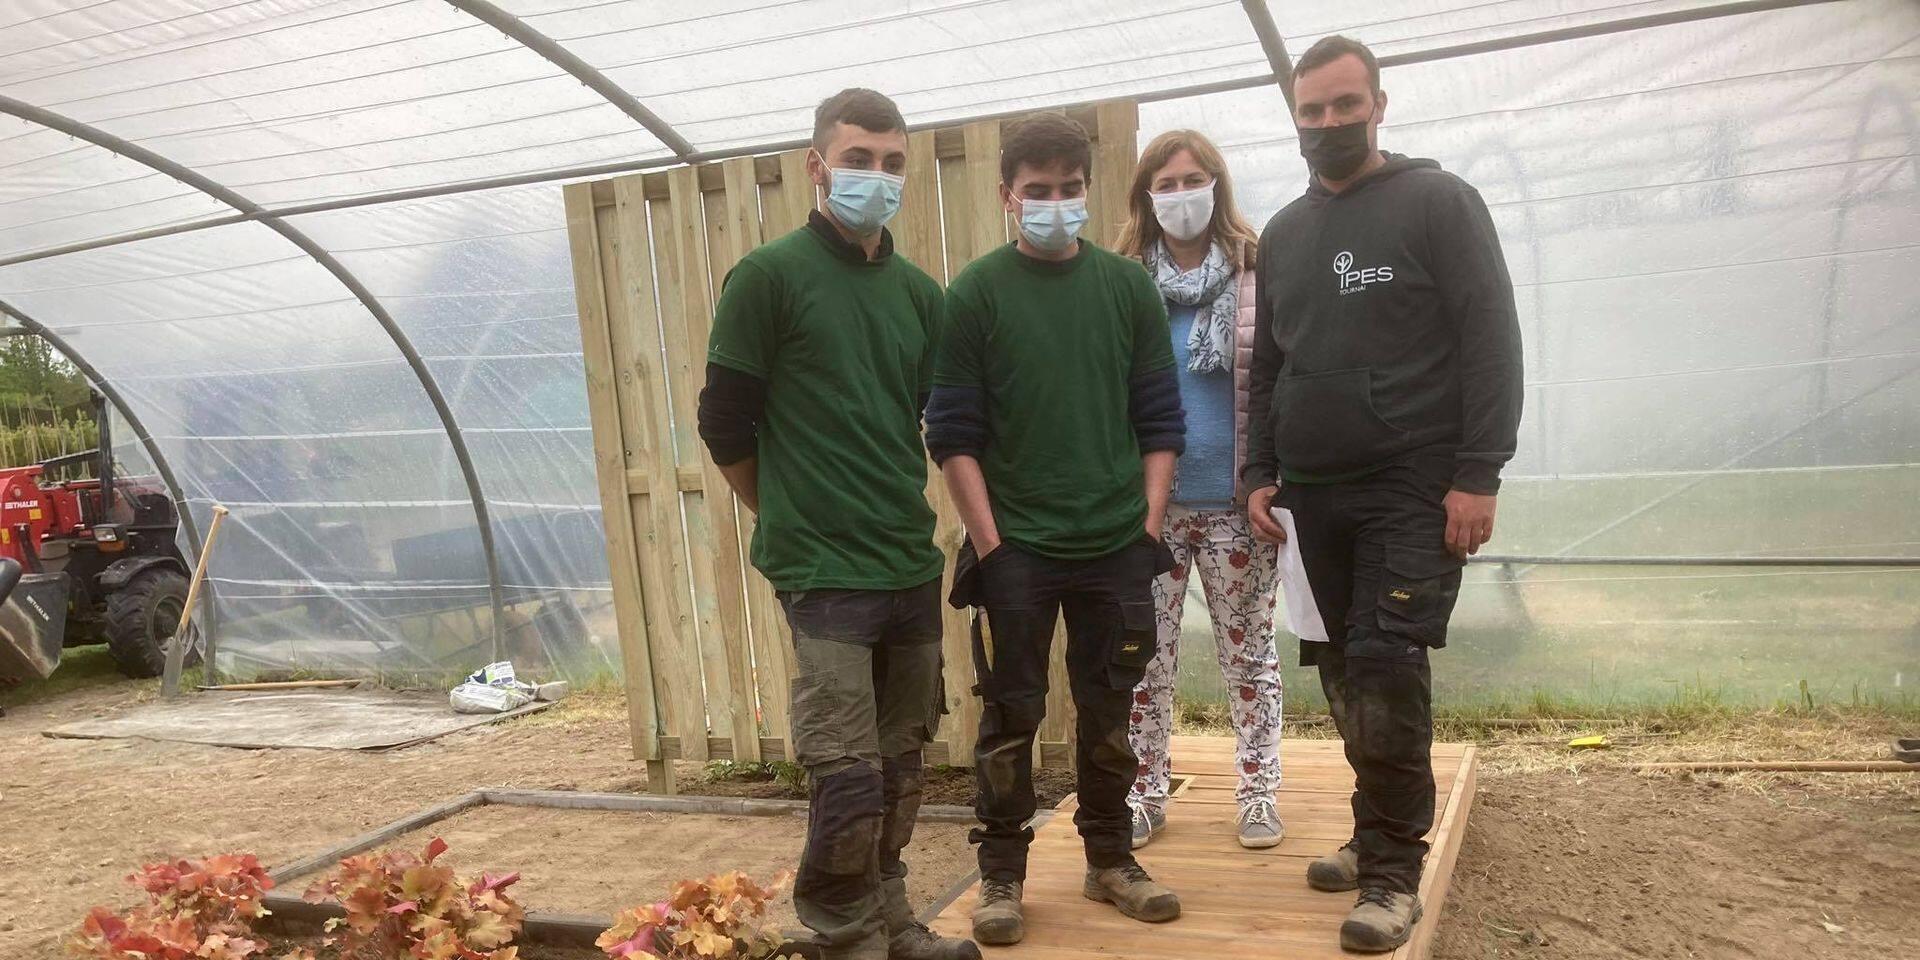 Organisé en visio, le concours wallon du meilleur jeune jardinier s'est adapté à la crise